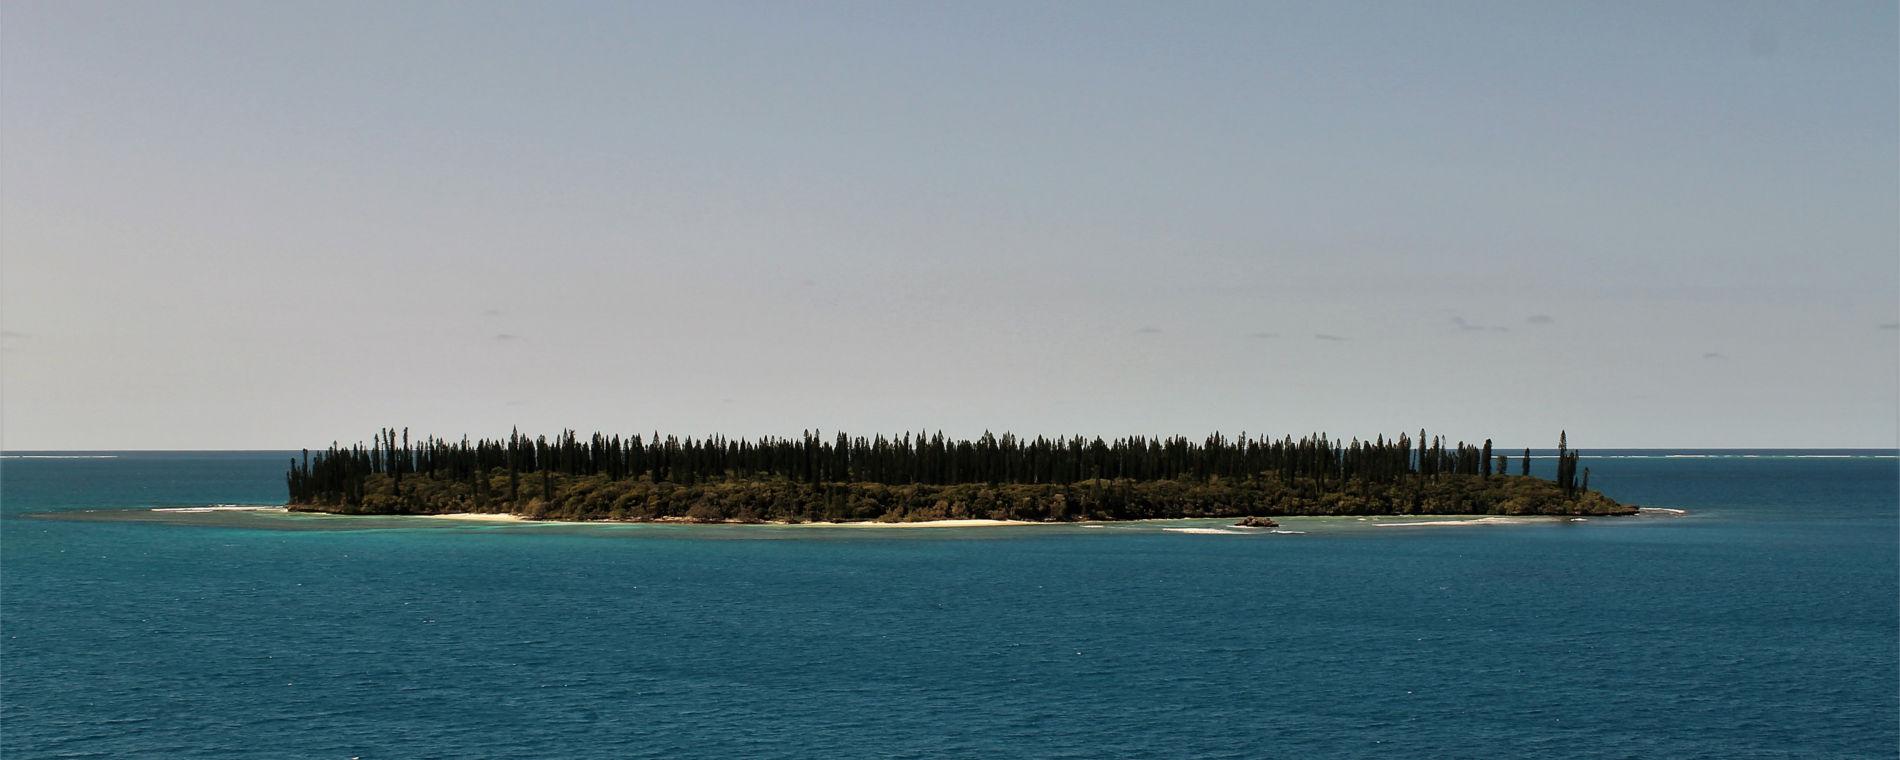 isle-of-pines.jpg